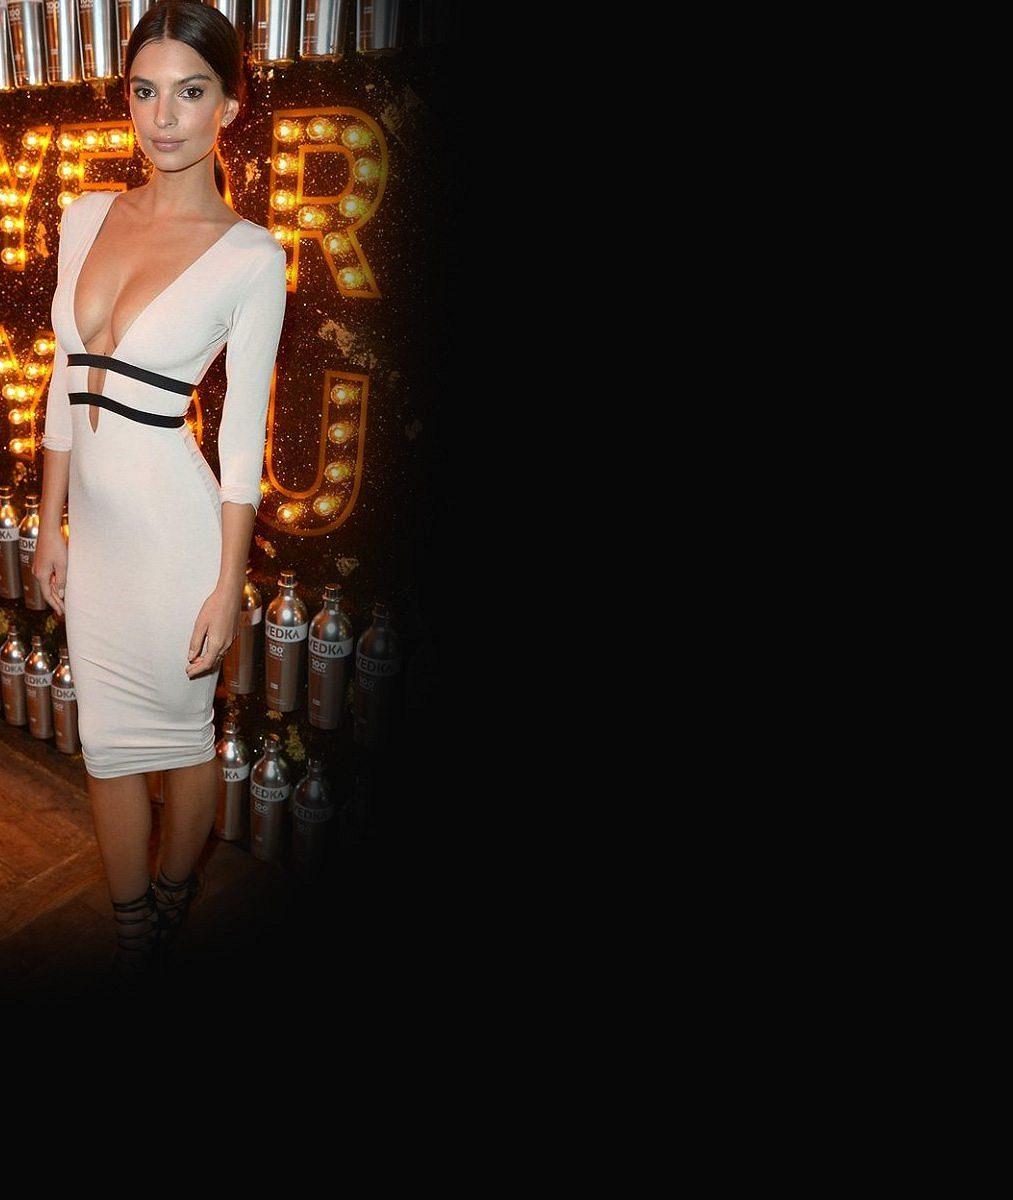 Tady nedostatky nenajdete: Obdivovaná herečka vystavila své božské tělíčko vbikinách